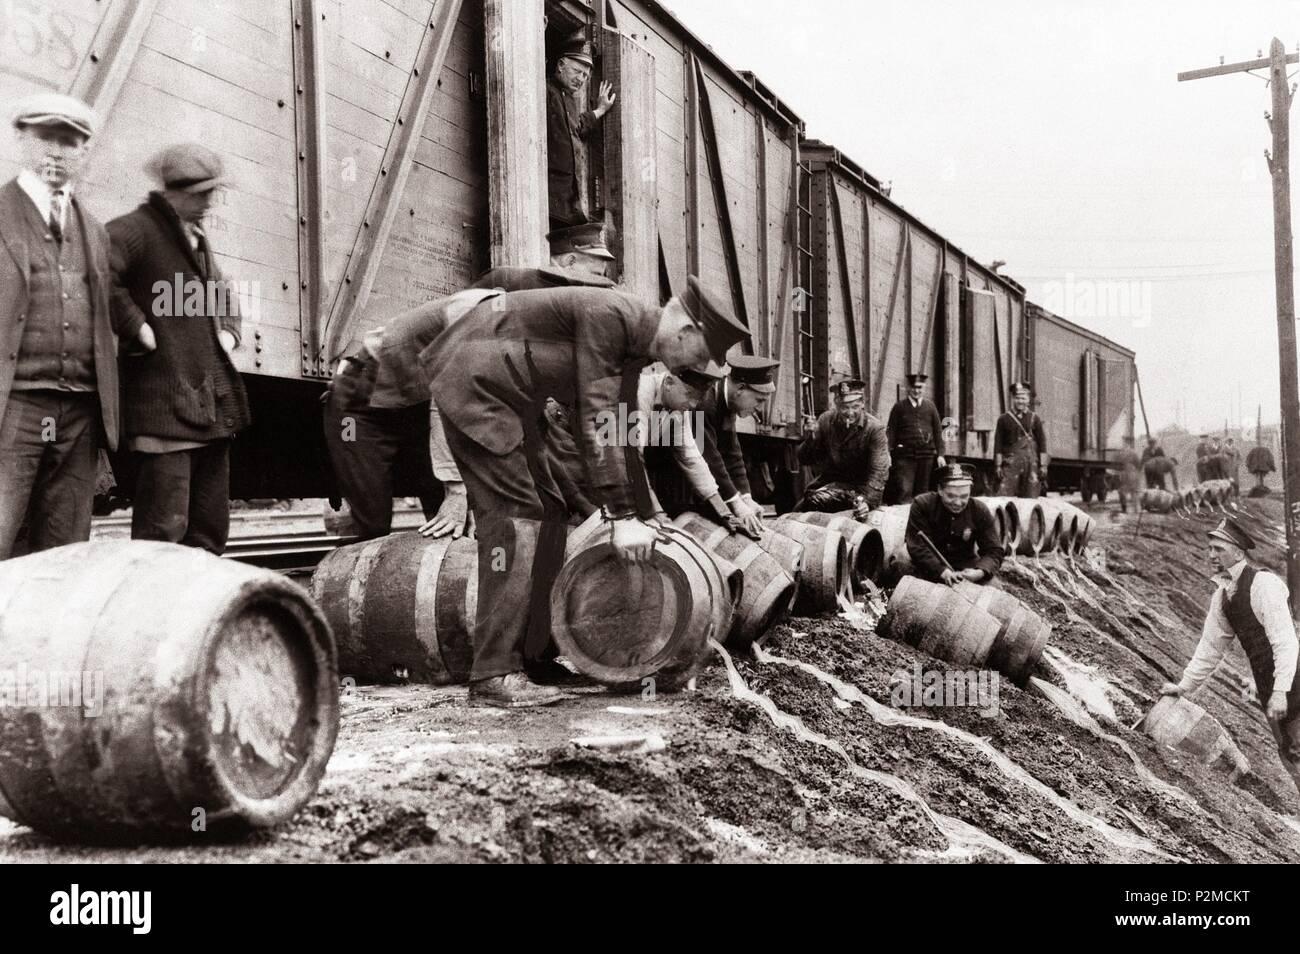 Ein Blick auf die lokalen Polizei Dumping illegalen Alkohol (Bier Fässer) aus einem Zug in Scranton, Pennsylvania während das Verbot der Jahre 1920 bis 1933. Die Wilkes Barre, Scranton Region North Eastern Pa war das Zentrum der Steinkohle Bergbau der Vereinigten Staaten während der industriellen Revolution und ein warmes Bett von mob Aktivität während der Prohibition. Scranton war eine Drehscheibe des illegalen Alkohol Transport während Verbot. In Bezug auf den Schmuggel, Scranton war voller Aktivität. Die Innenstadt von Scranton Bereich hatte 147 speakeasies. Nicht zu vergessen, die Züge waren wichtig für Alkohol Transport. Stockbild